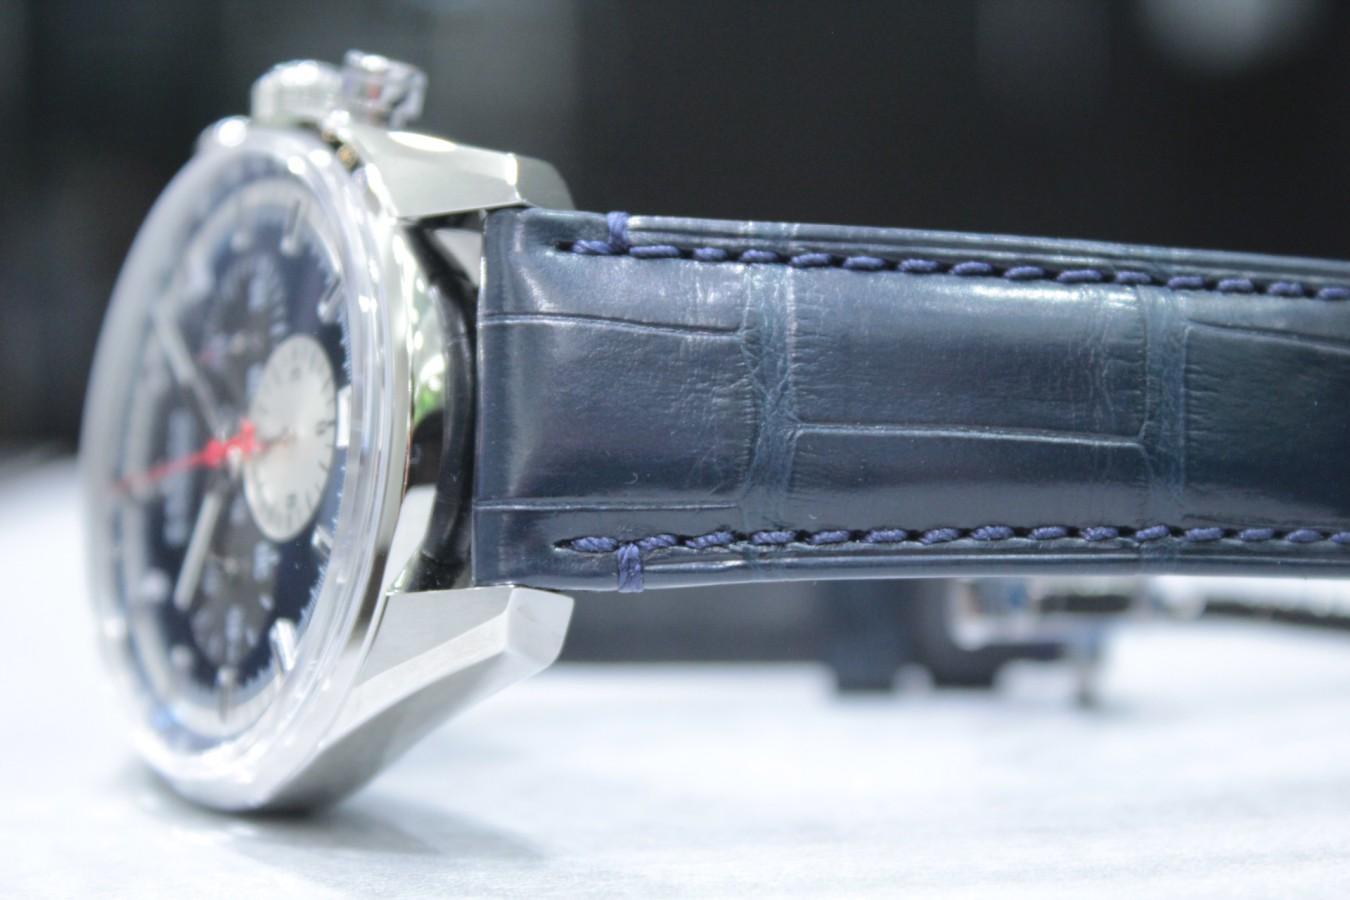 IMG_6272 ブルーダイヤルとマルチカラーが織りなす美しいコントラスト【エル・プリメロ 42mm】 - CHRONOMASTER